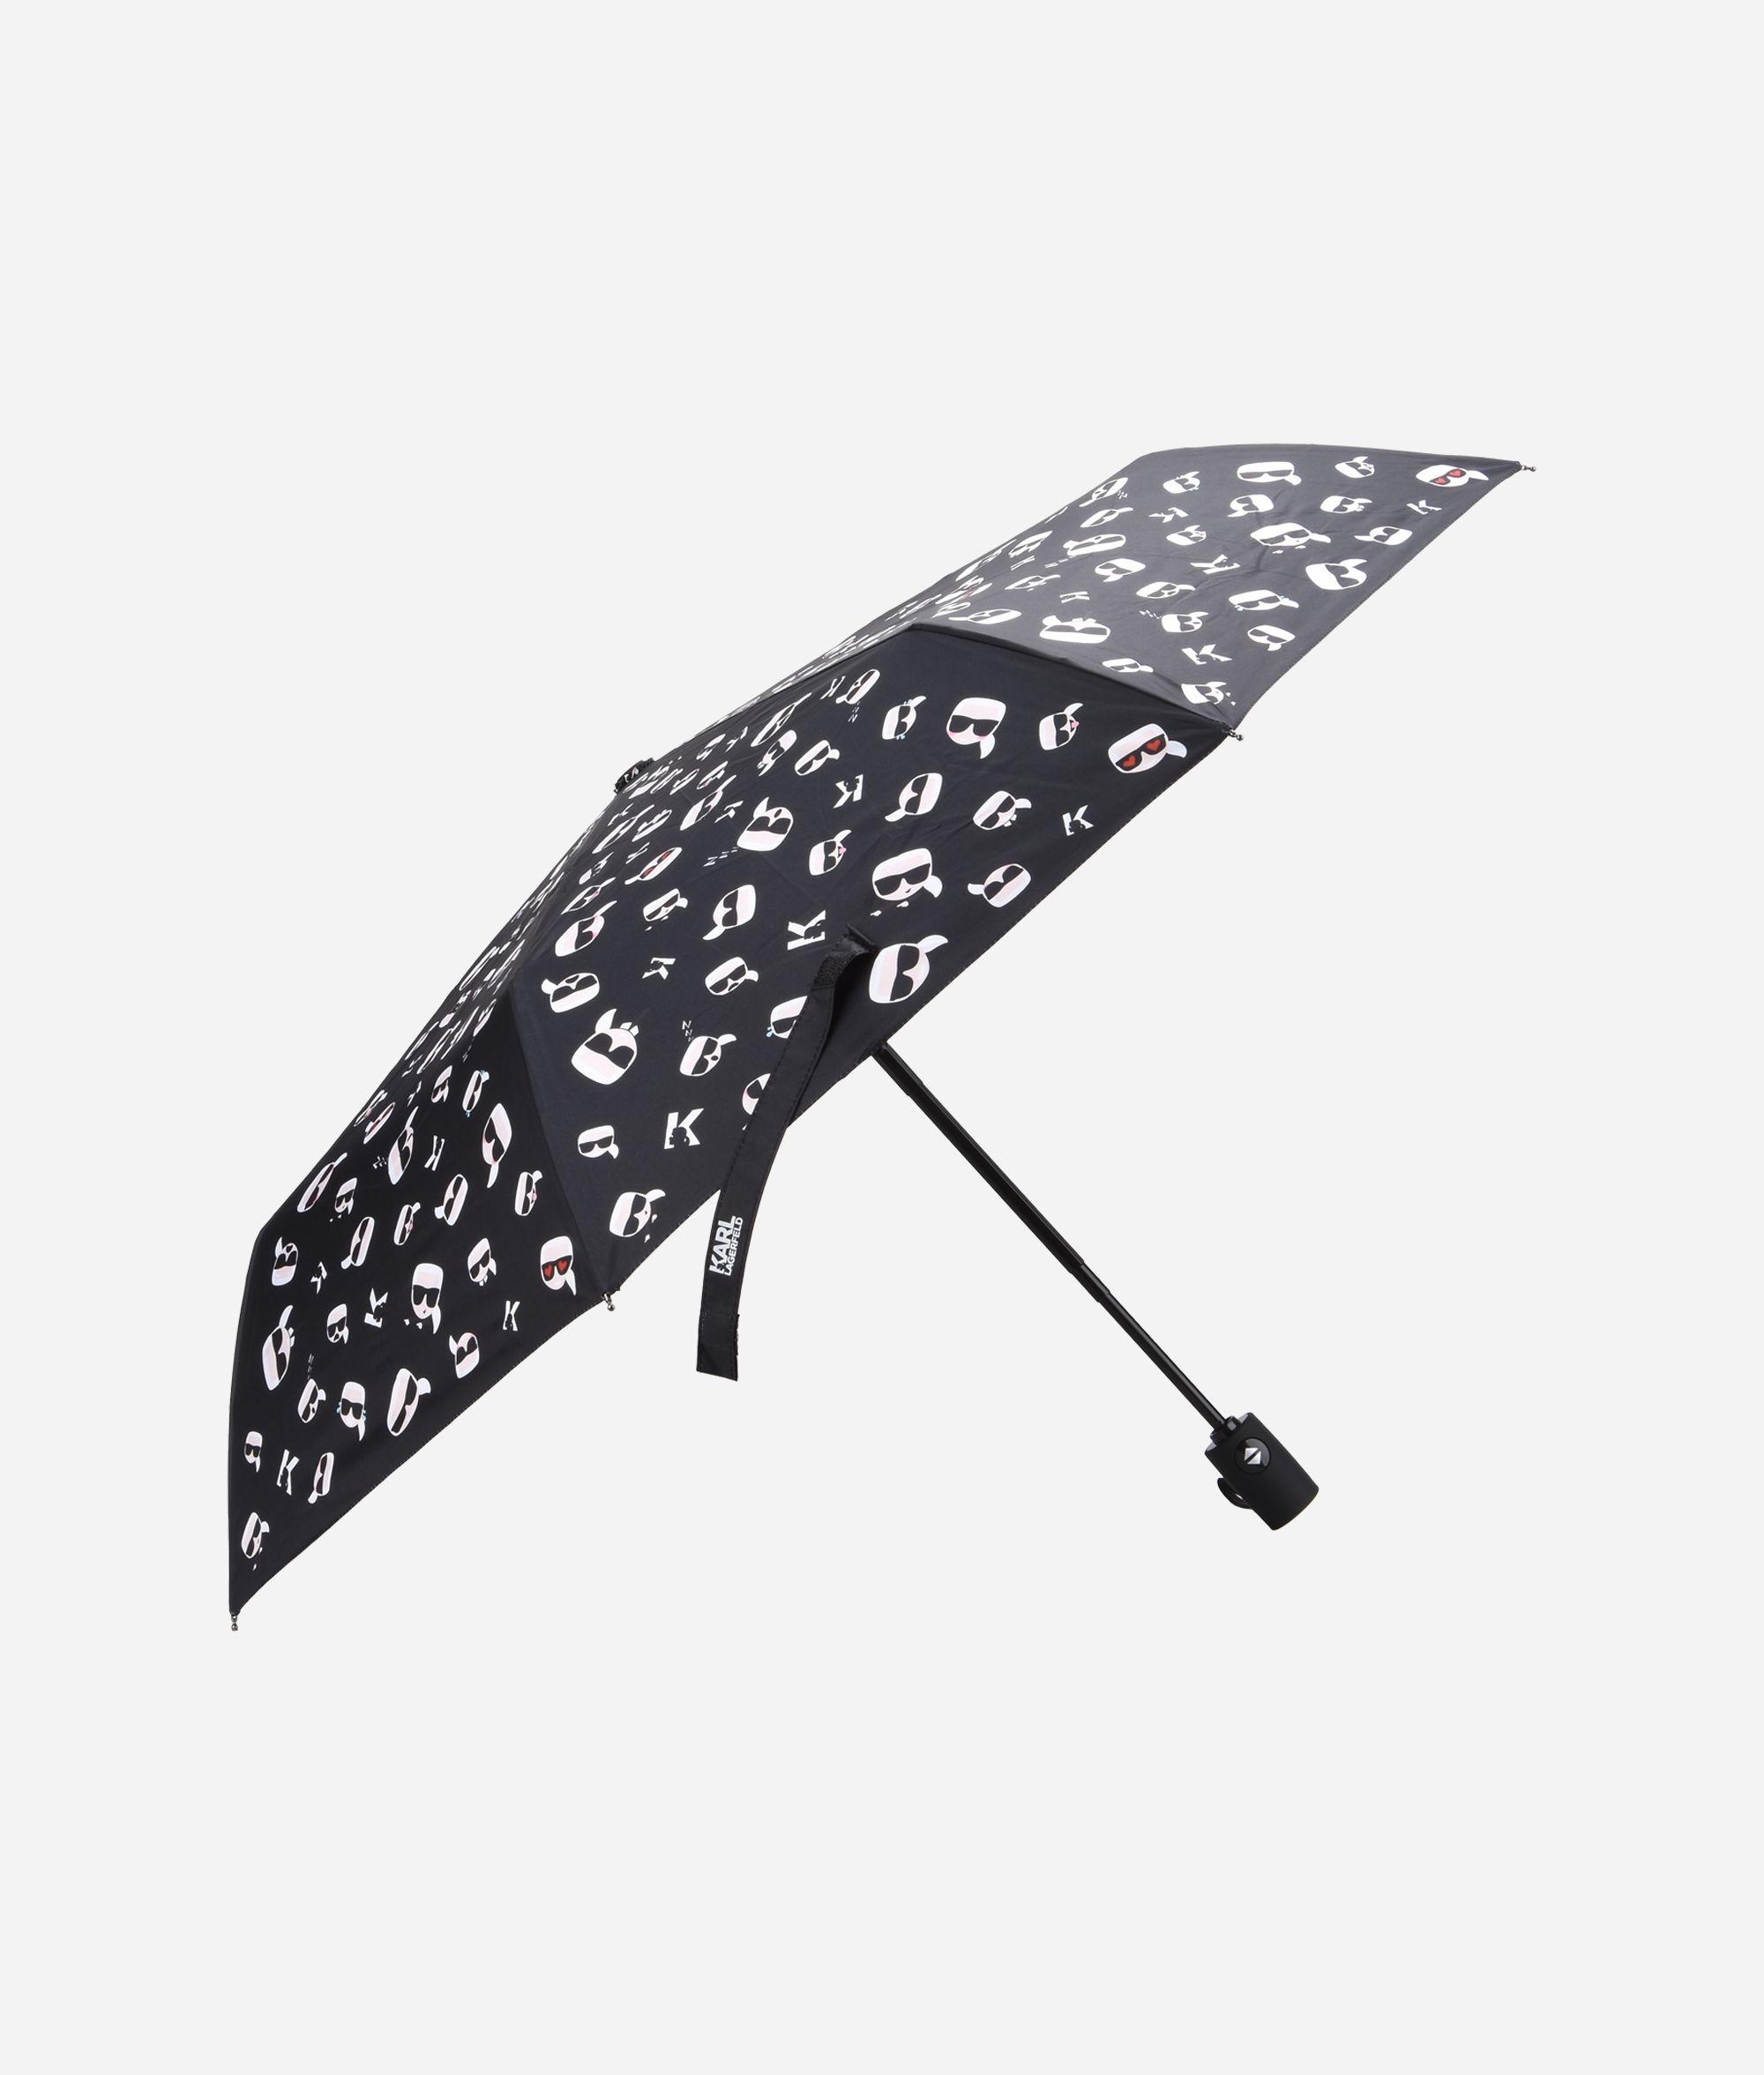 10 capi con cui proteggersi dalla pioggia, foto e prezzi